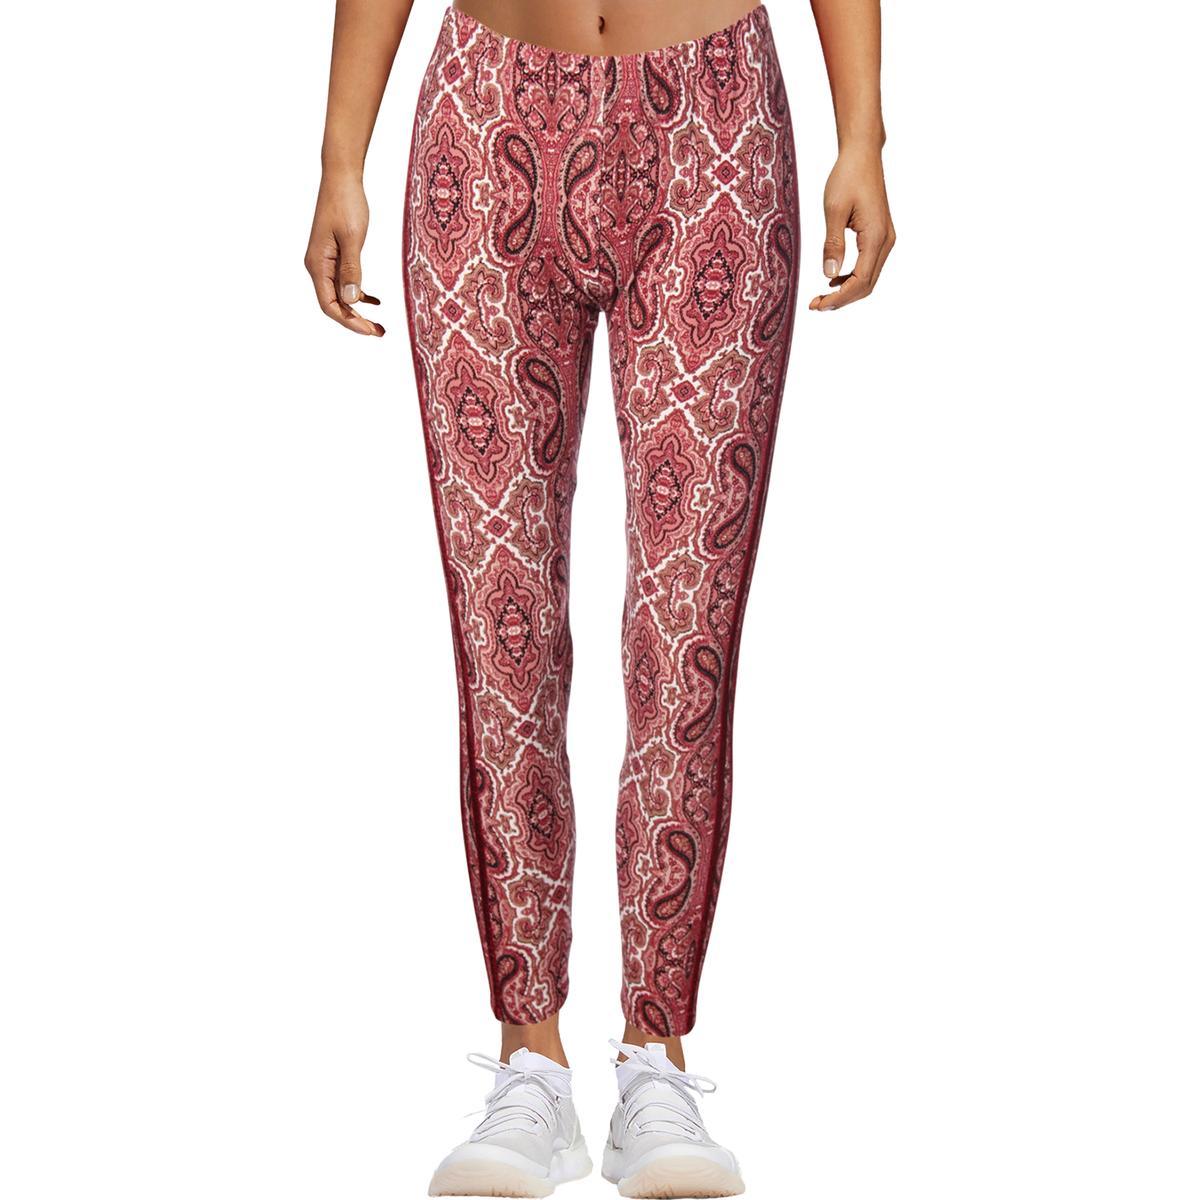 36e52fe2084198 Details about Ultra Flirt Womens Pink Velvet Trim Printed Ankle Leggings  Juniors M BHFO 1776